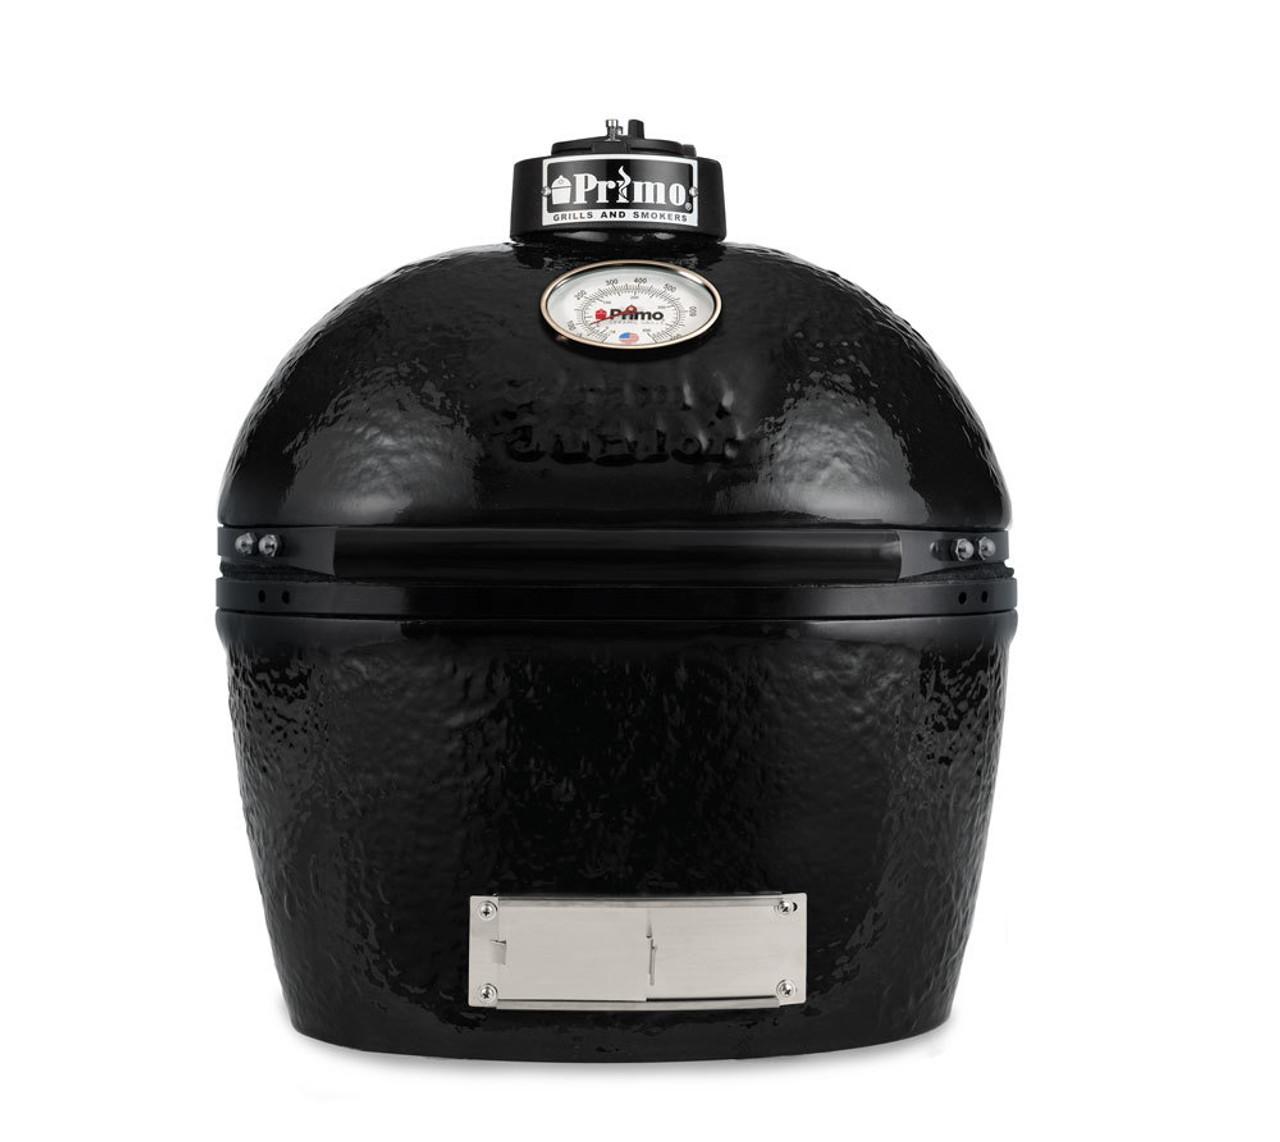 Primo Ceramic Grills Oval JR 200 (774)